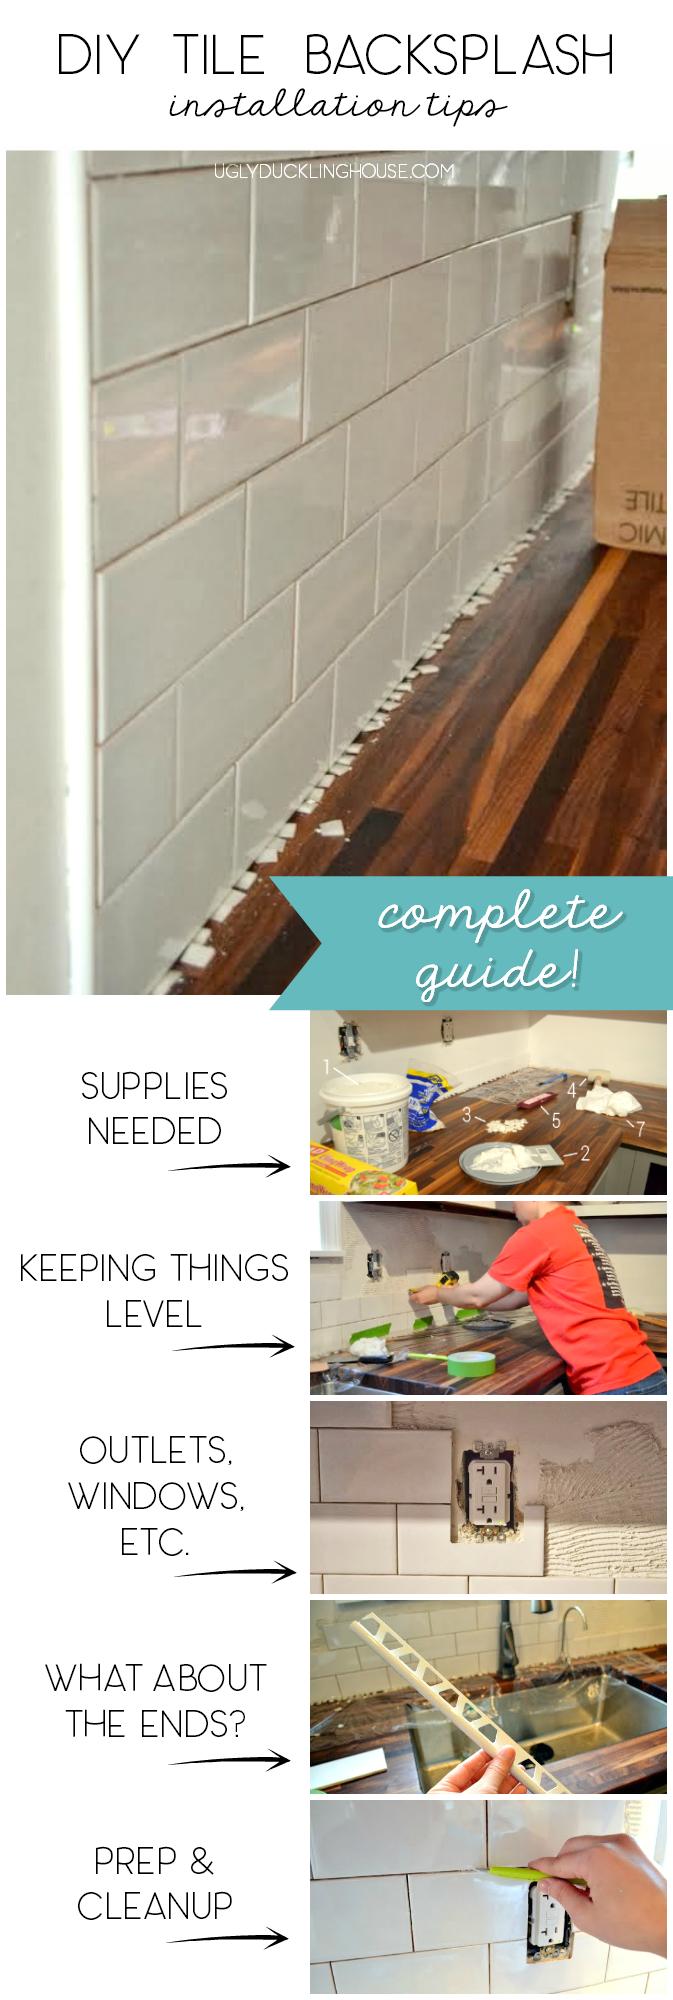 How To Tile A Backsplash In The Kitchen Diy Tile Backsplash Diy Backsplash Diy Tile